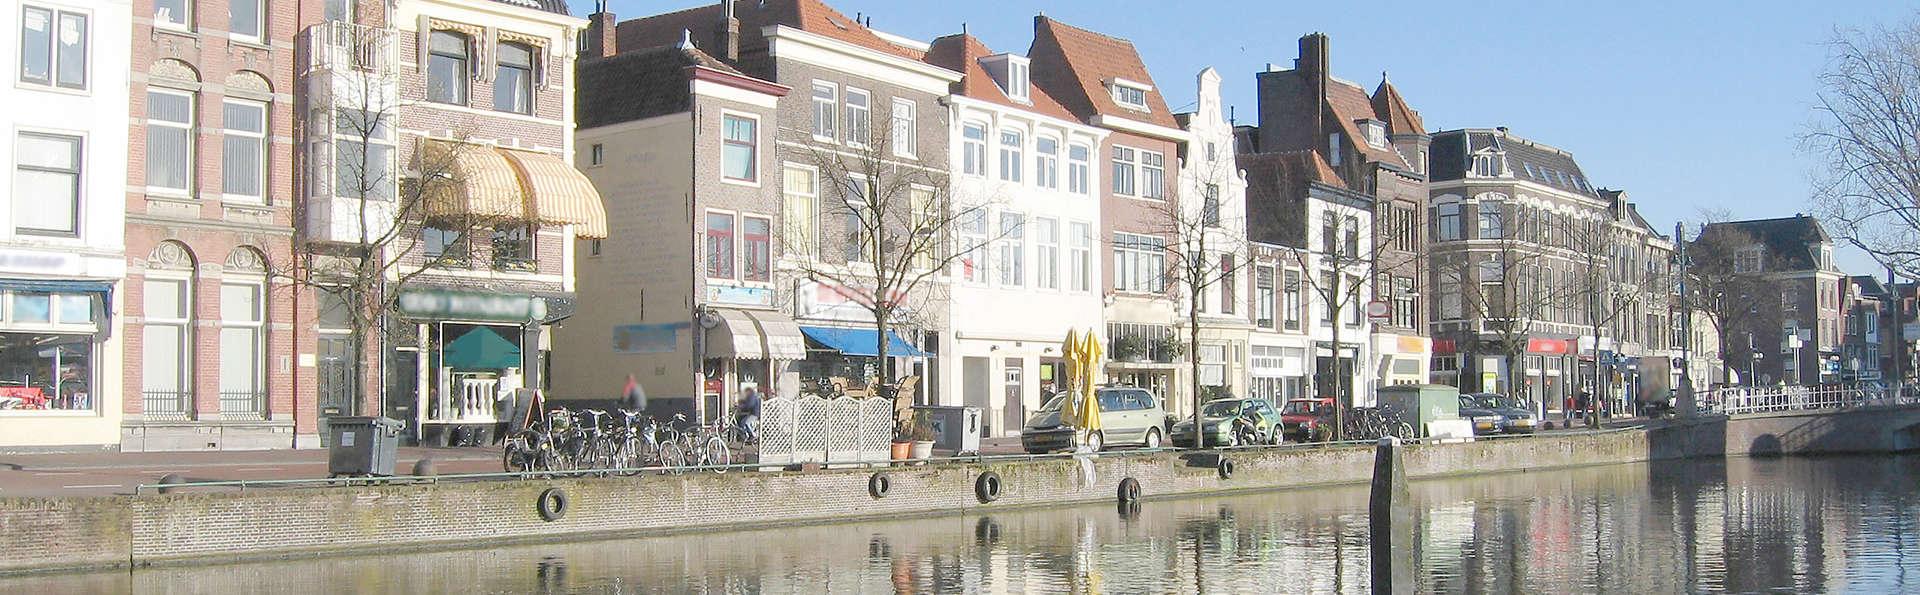 City-trip dans l'accueillante ville de Leiden